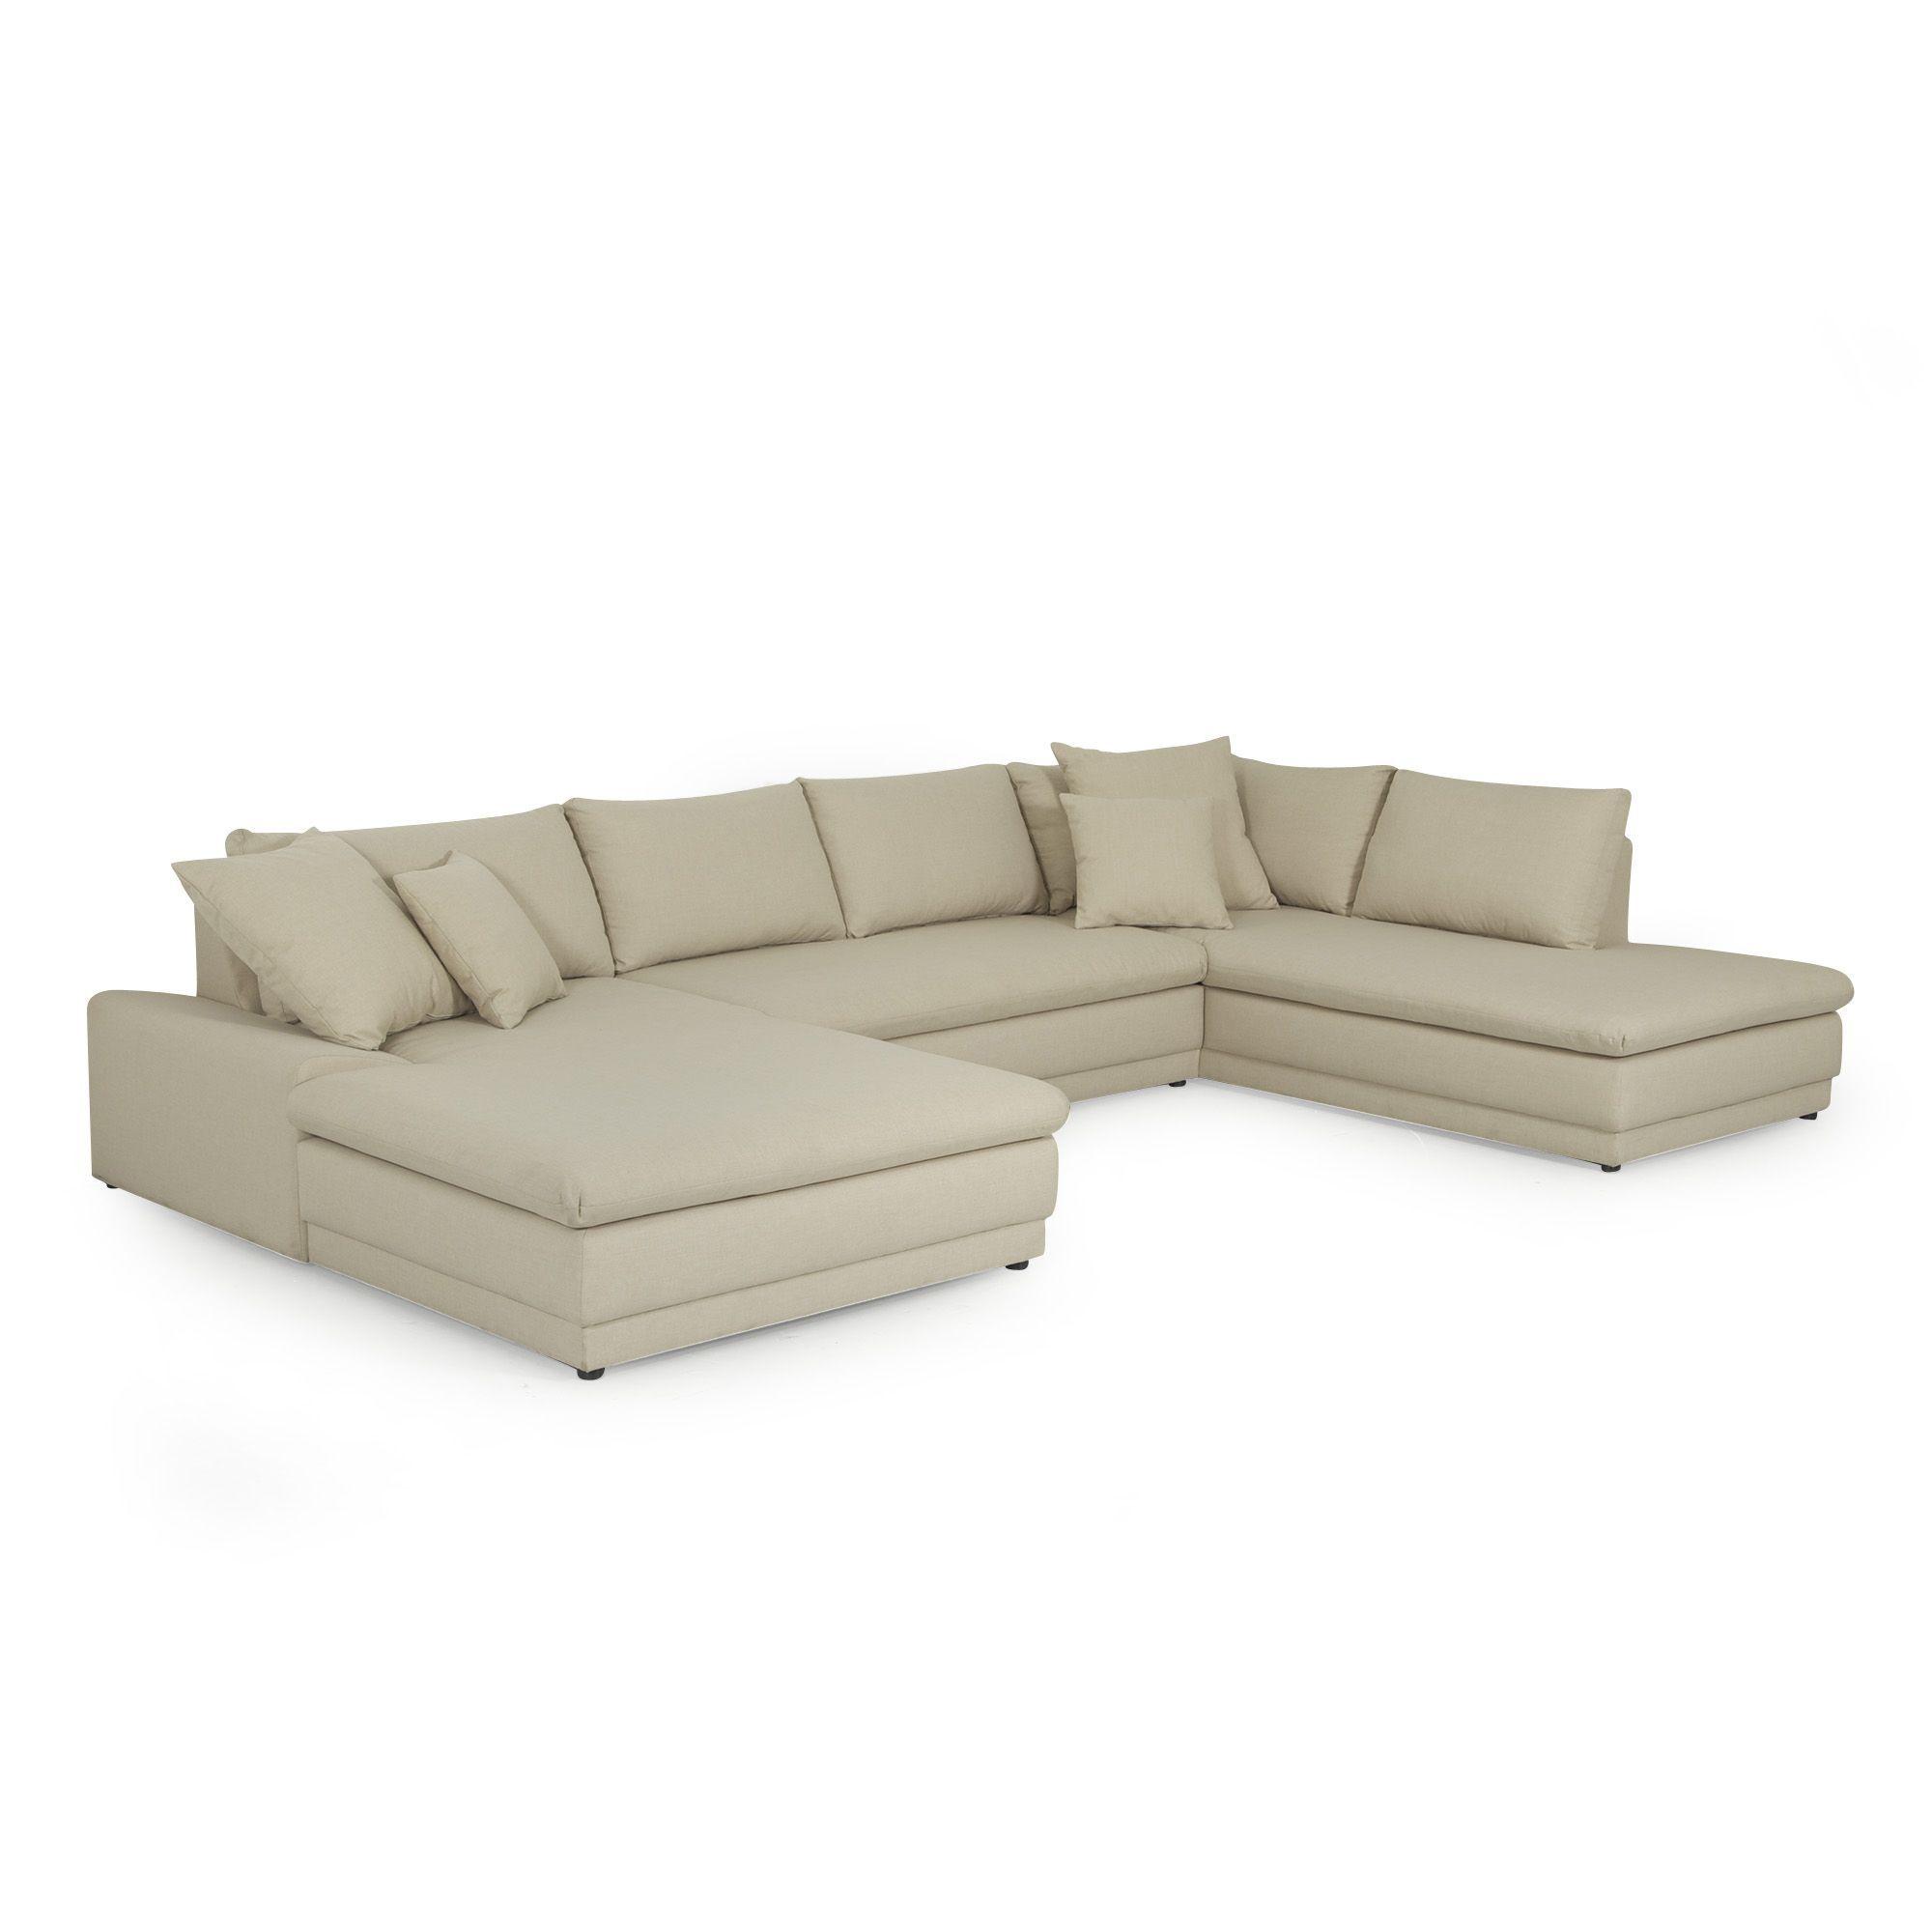 grand canap d 39 angle fixe sable santacruz canap s en tissu canap s et banquettes salon. Black Bedroom Furniture Sets. Home Design Ideas